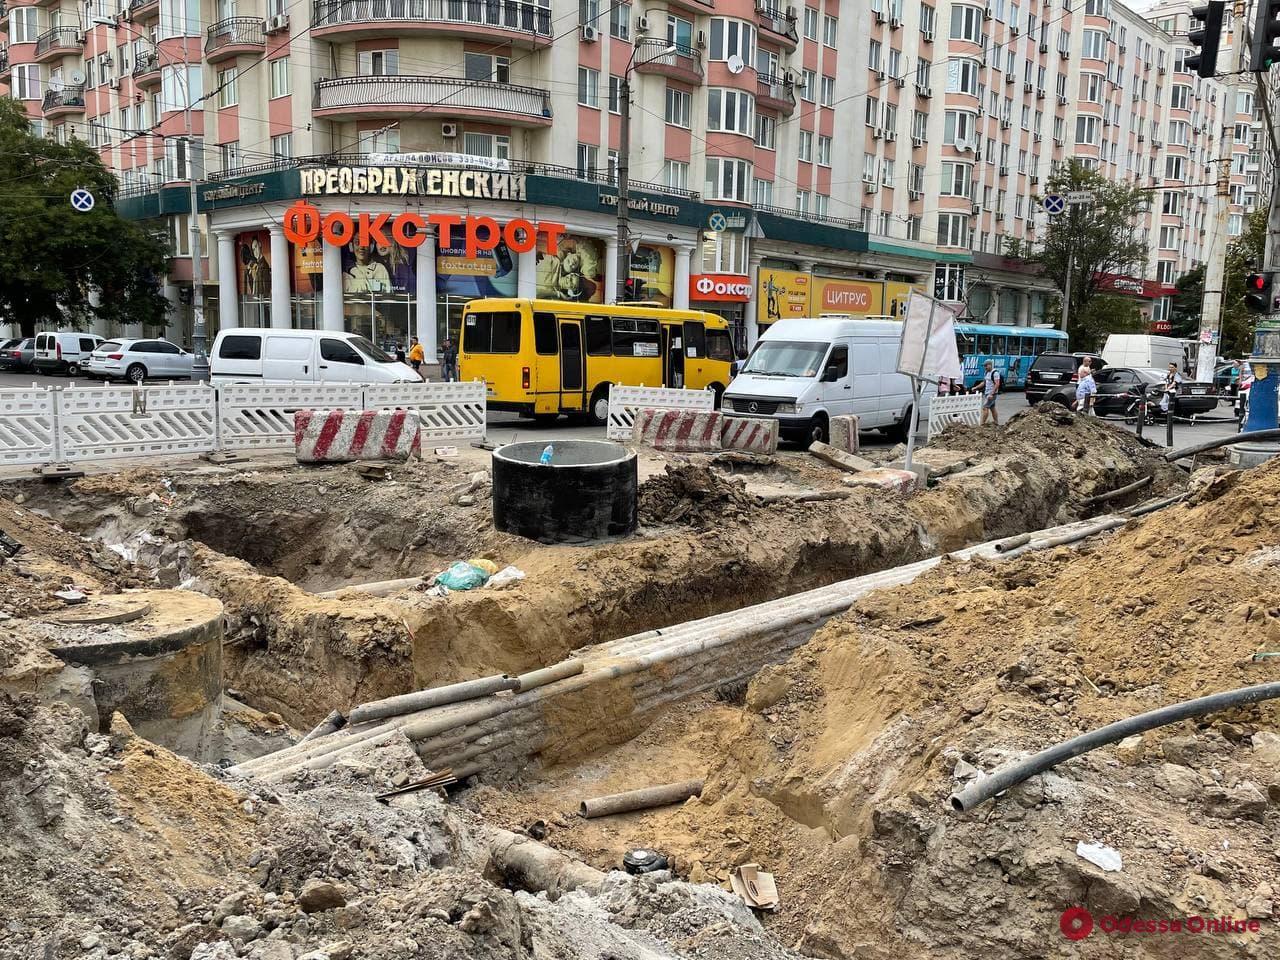 Реконструкция возле «Привоза»: цветочники перебрались к «Острову», а на Новощепном паркуются автохамы (фото)